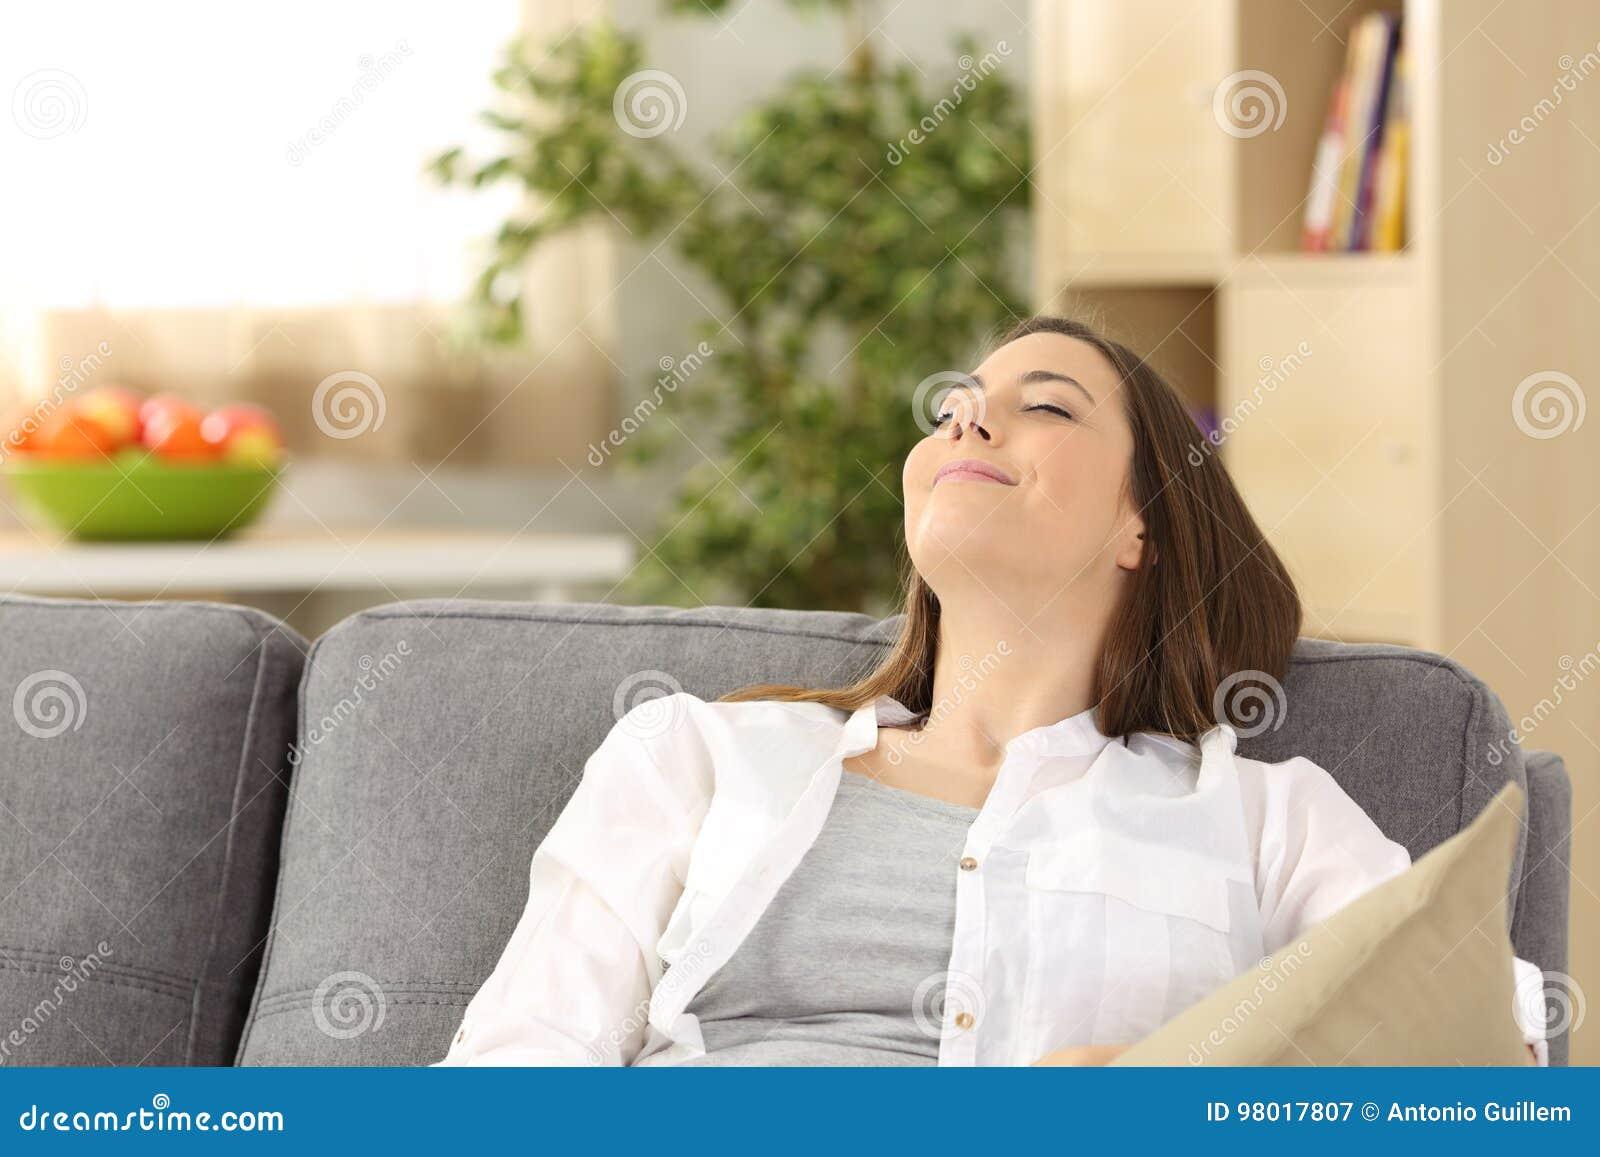 Mentira de relajación satisfecha de la mujer en un sofá en casa